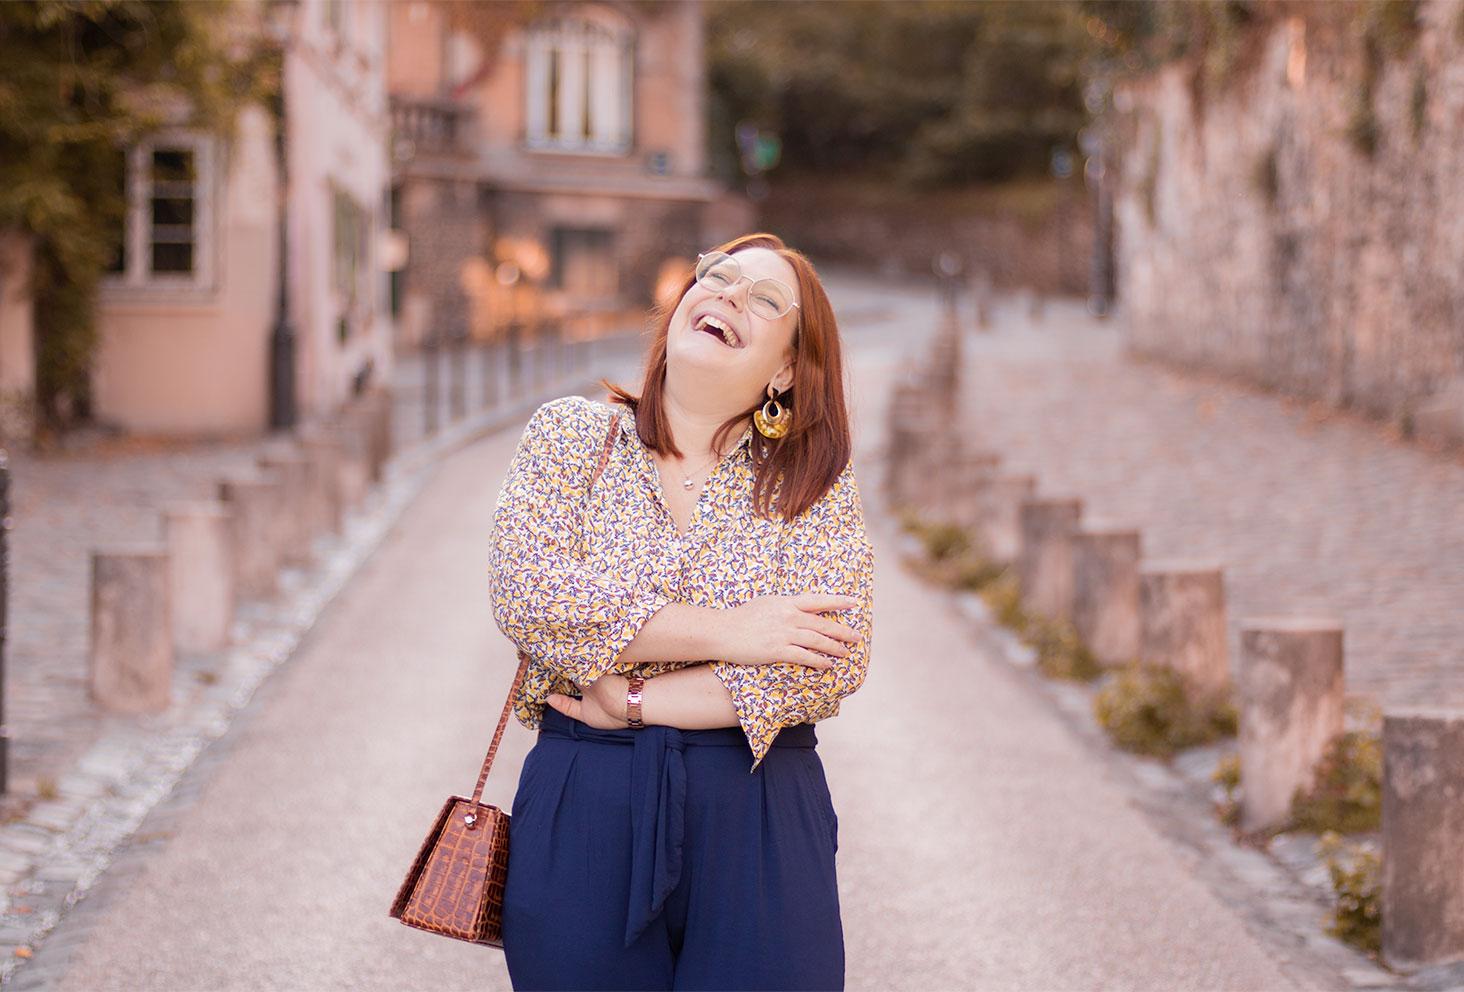 Avec le sourire dans une rue de Montmartre pour la rentrée, en chemisier jaune, un sac Cavale Paris sur l'épaule